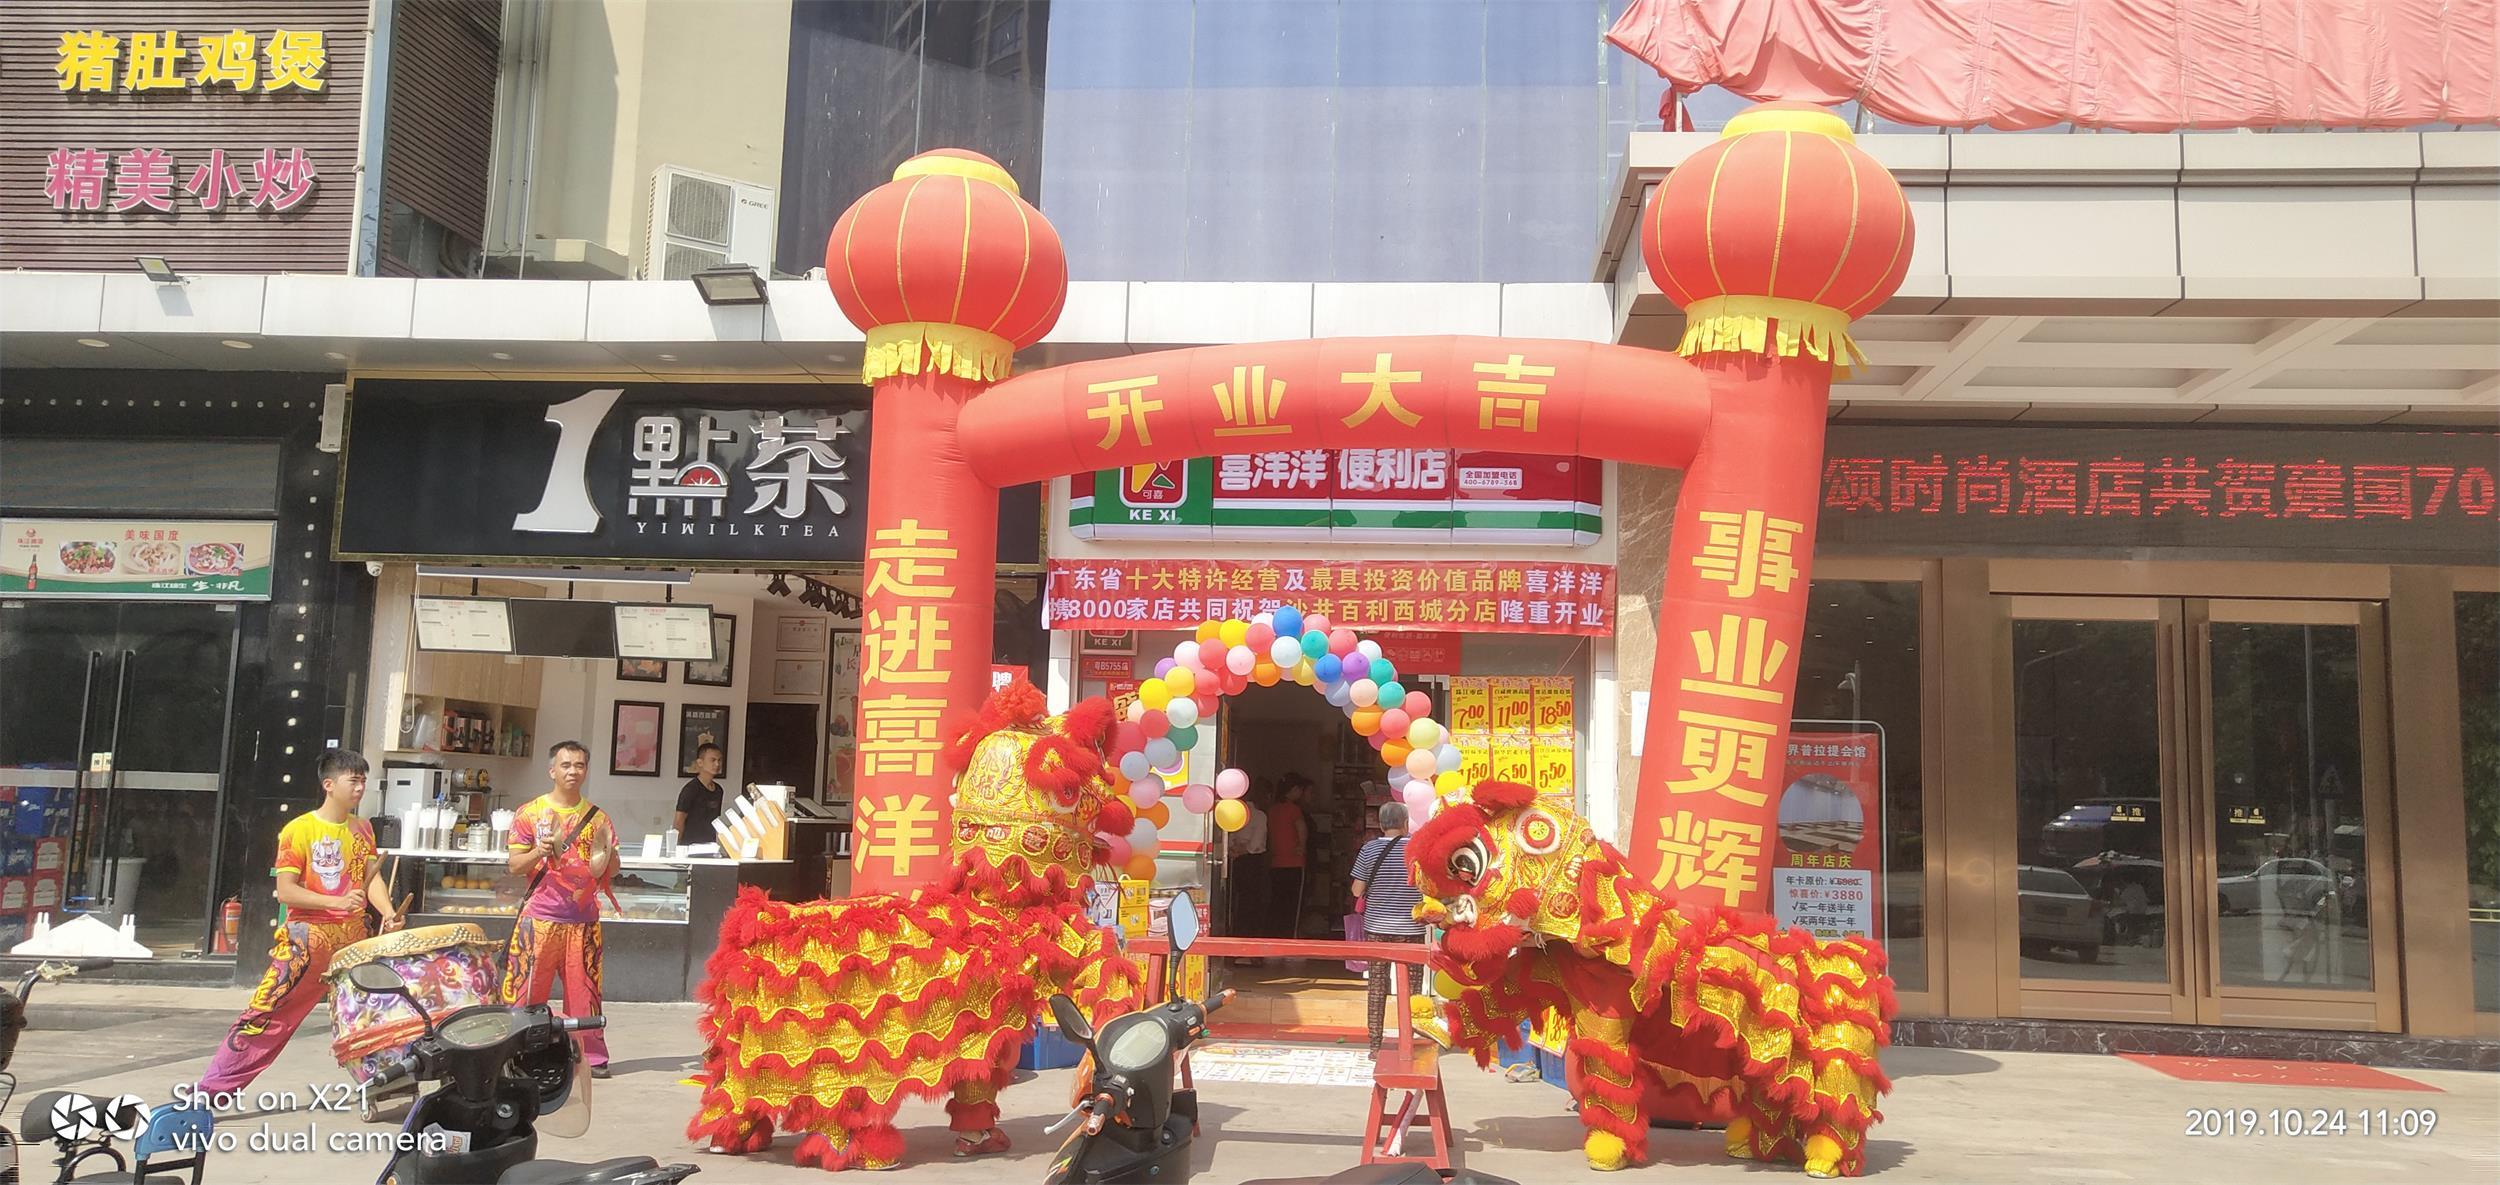 热烈祝贺喜洋洋10月24日又迎来新店开业:沙井百利西城分店